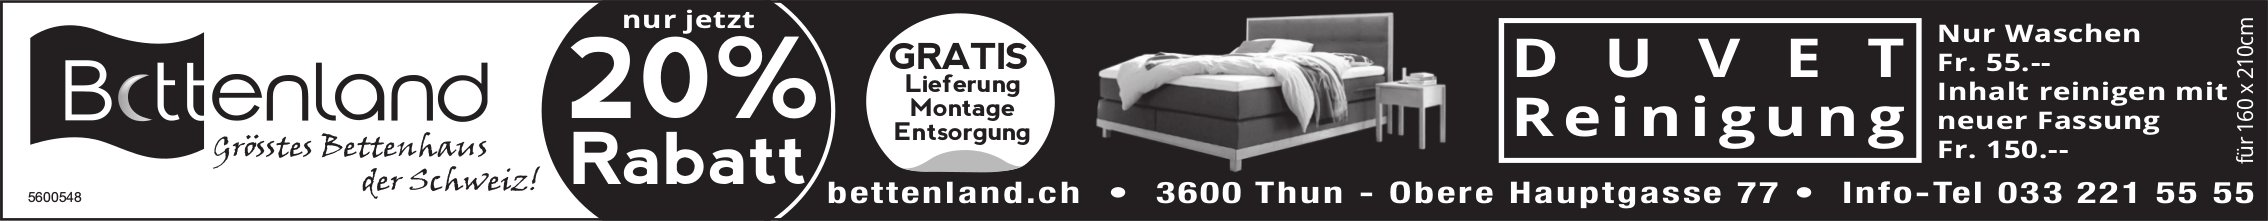 Bettenland - Grösstes Bettenhaus der Schweiz!